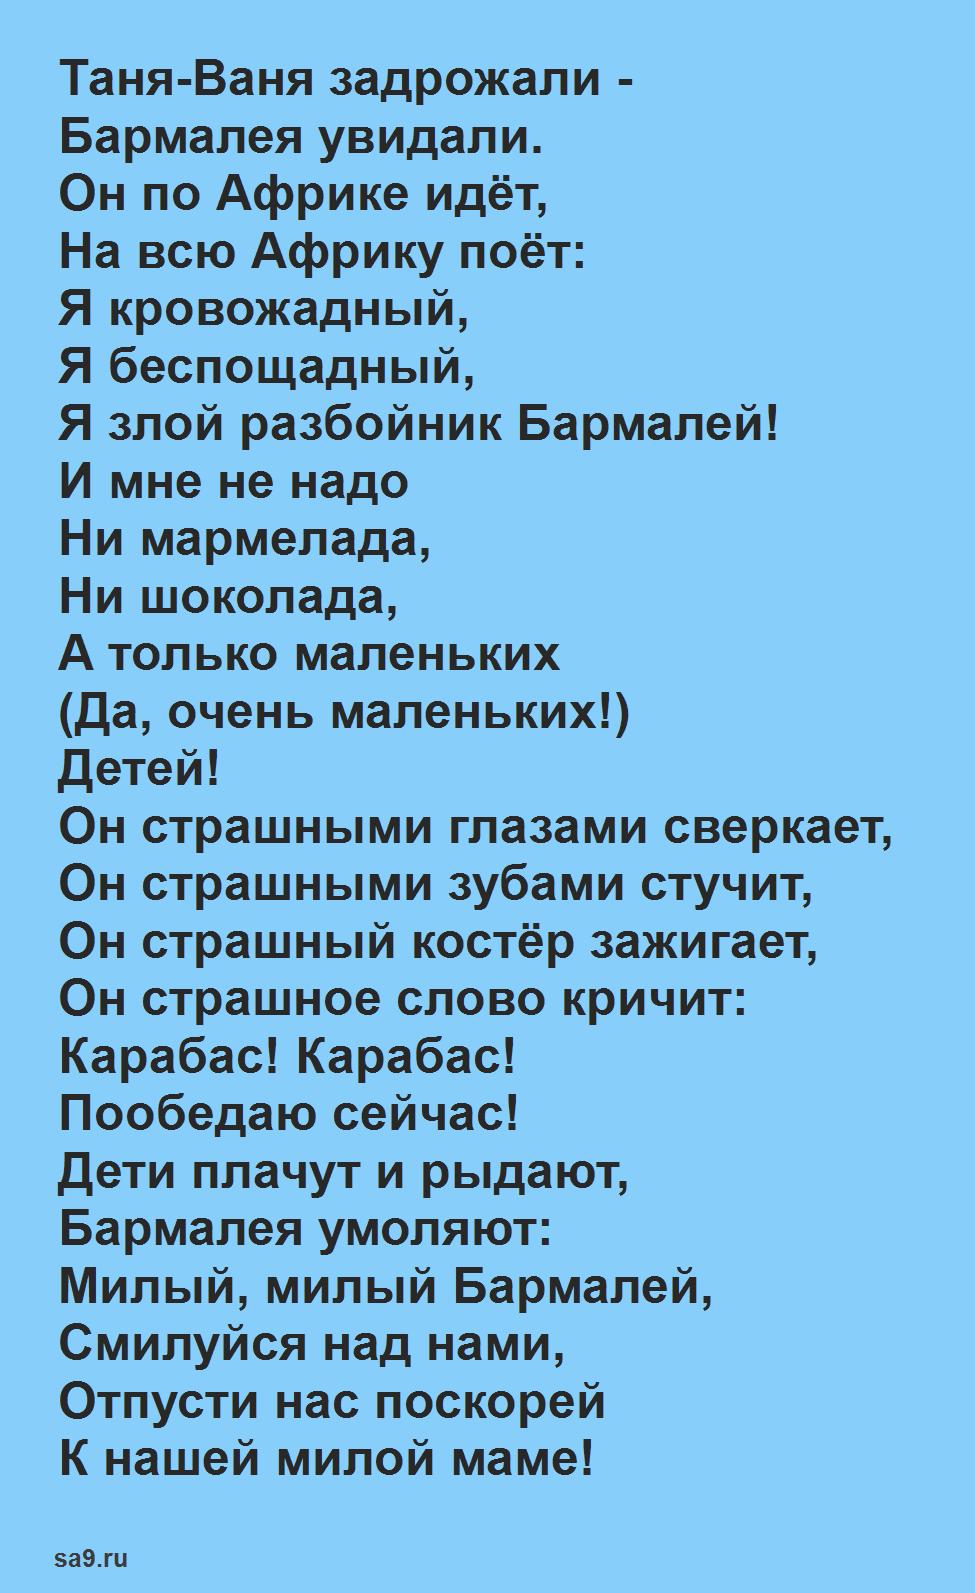 Сказка Чуковского для детей 'Бармалей', читать и скачать онлайн бесплатно